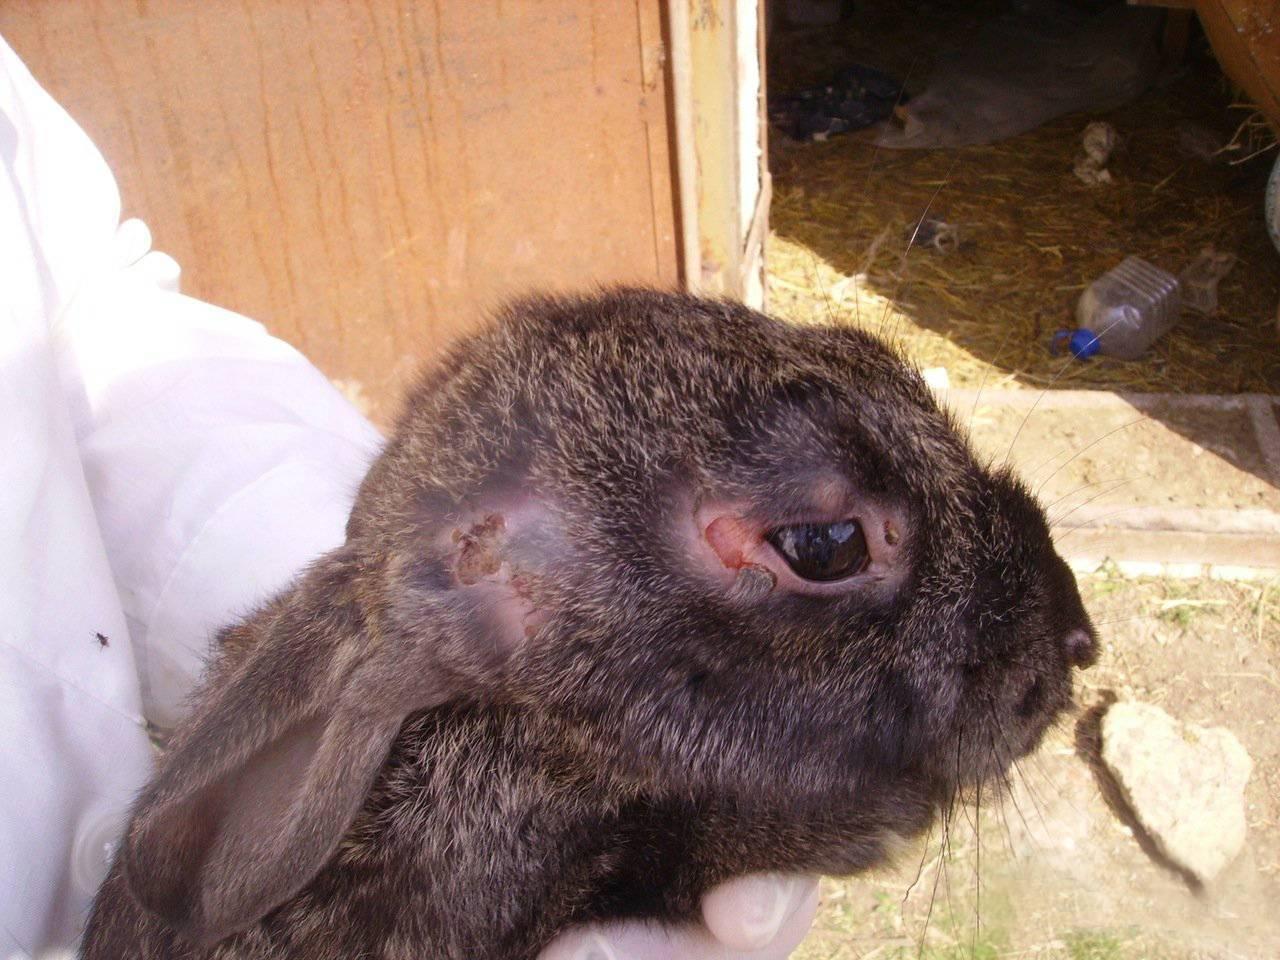 Миксоматоз у кроликов - лечение в домашних условиях болезни, можно ли есть мясо больного